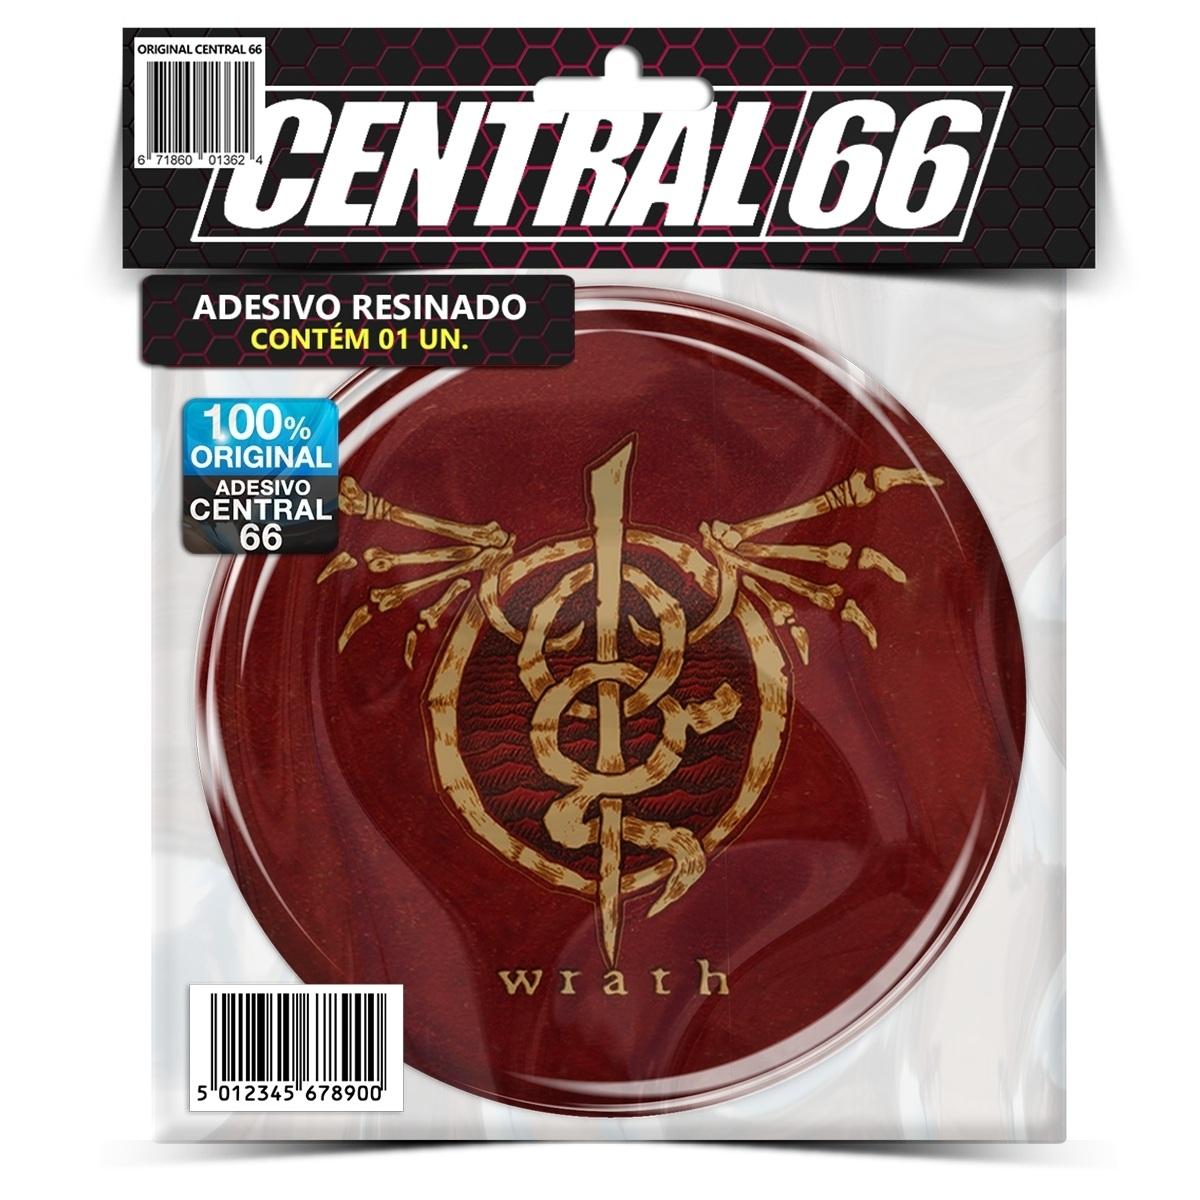 Adesivo Redondo Scorpions – Central 66